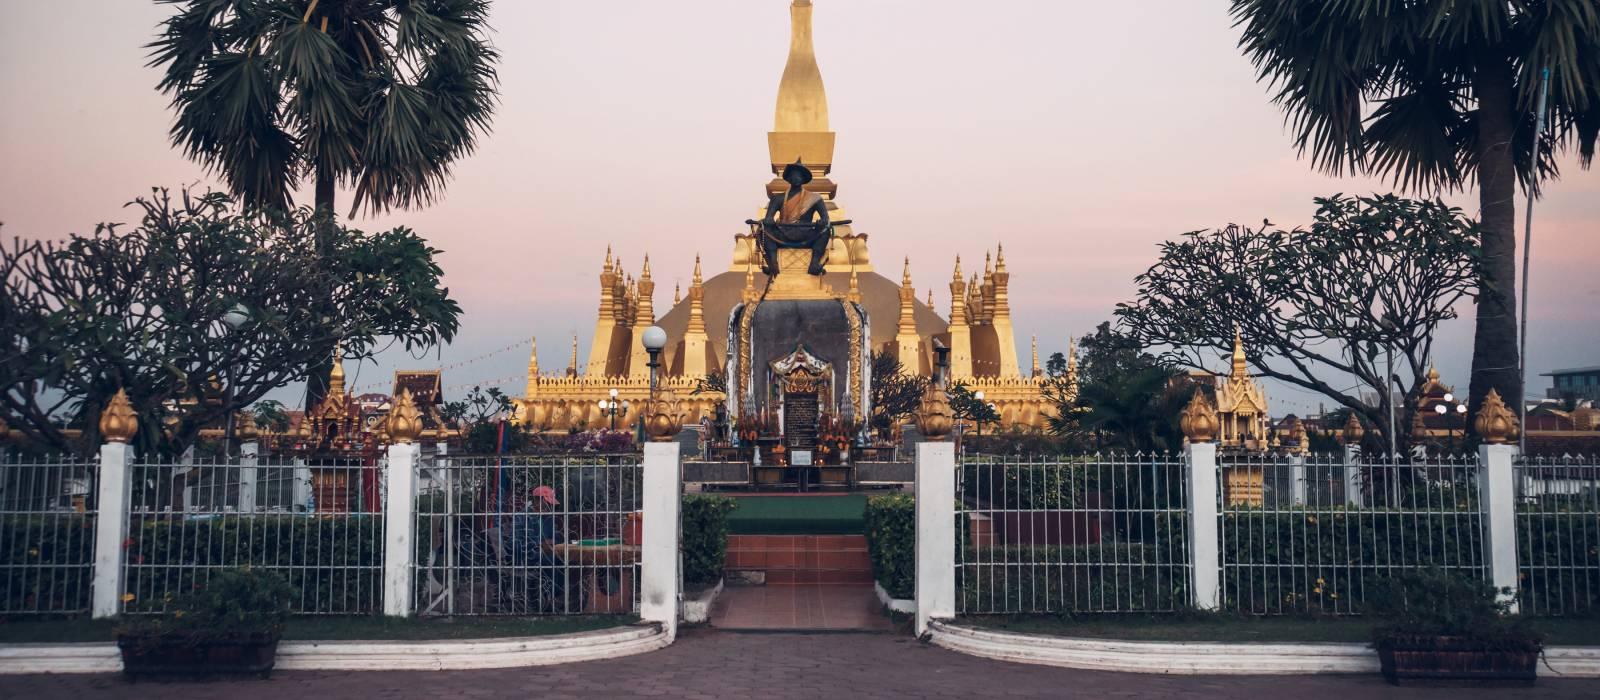 Pha That Luang ist eine goldbedeckte große buddhistische Stupa, wichtiges Nationalmonument, Vientiane, Laos, Asien